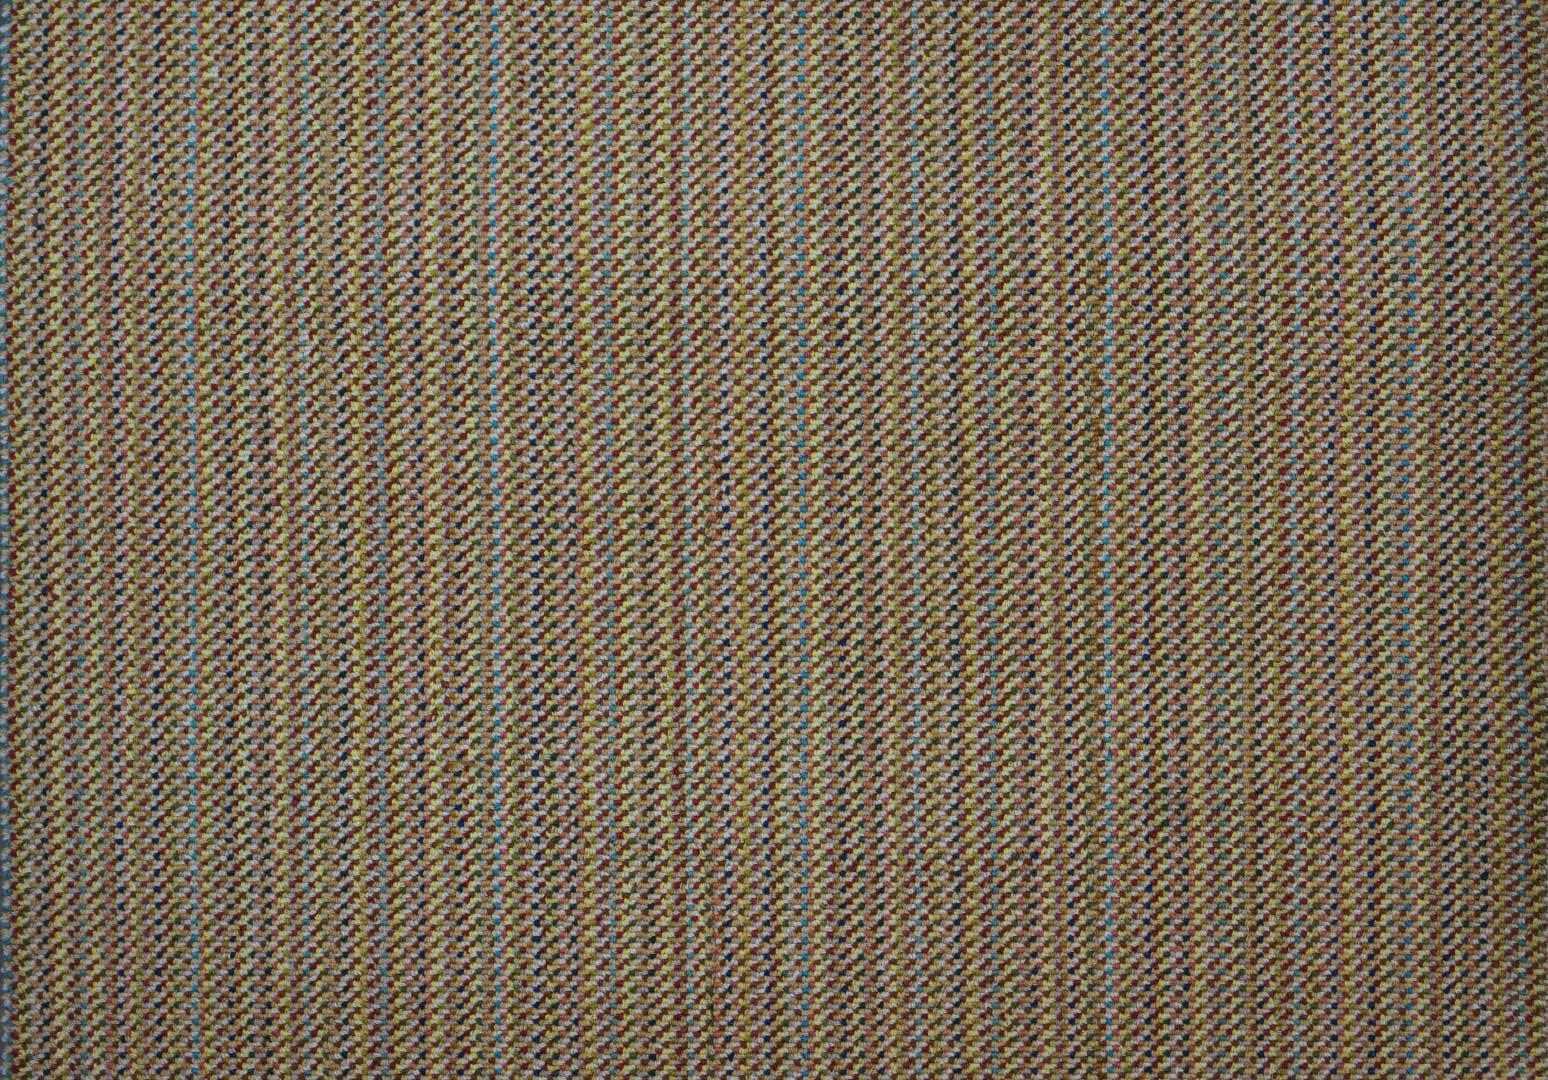 Moquette tiss e 100 laine unie structur e ray e milpoints boucl miel collection textile for Moquette rayee